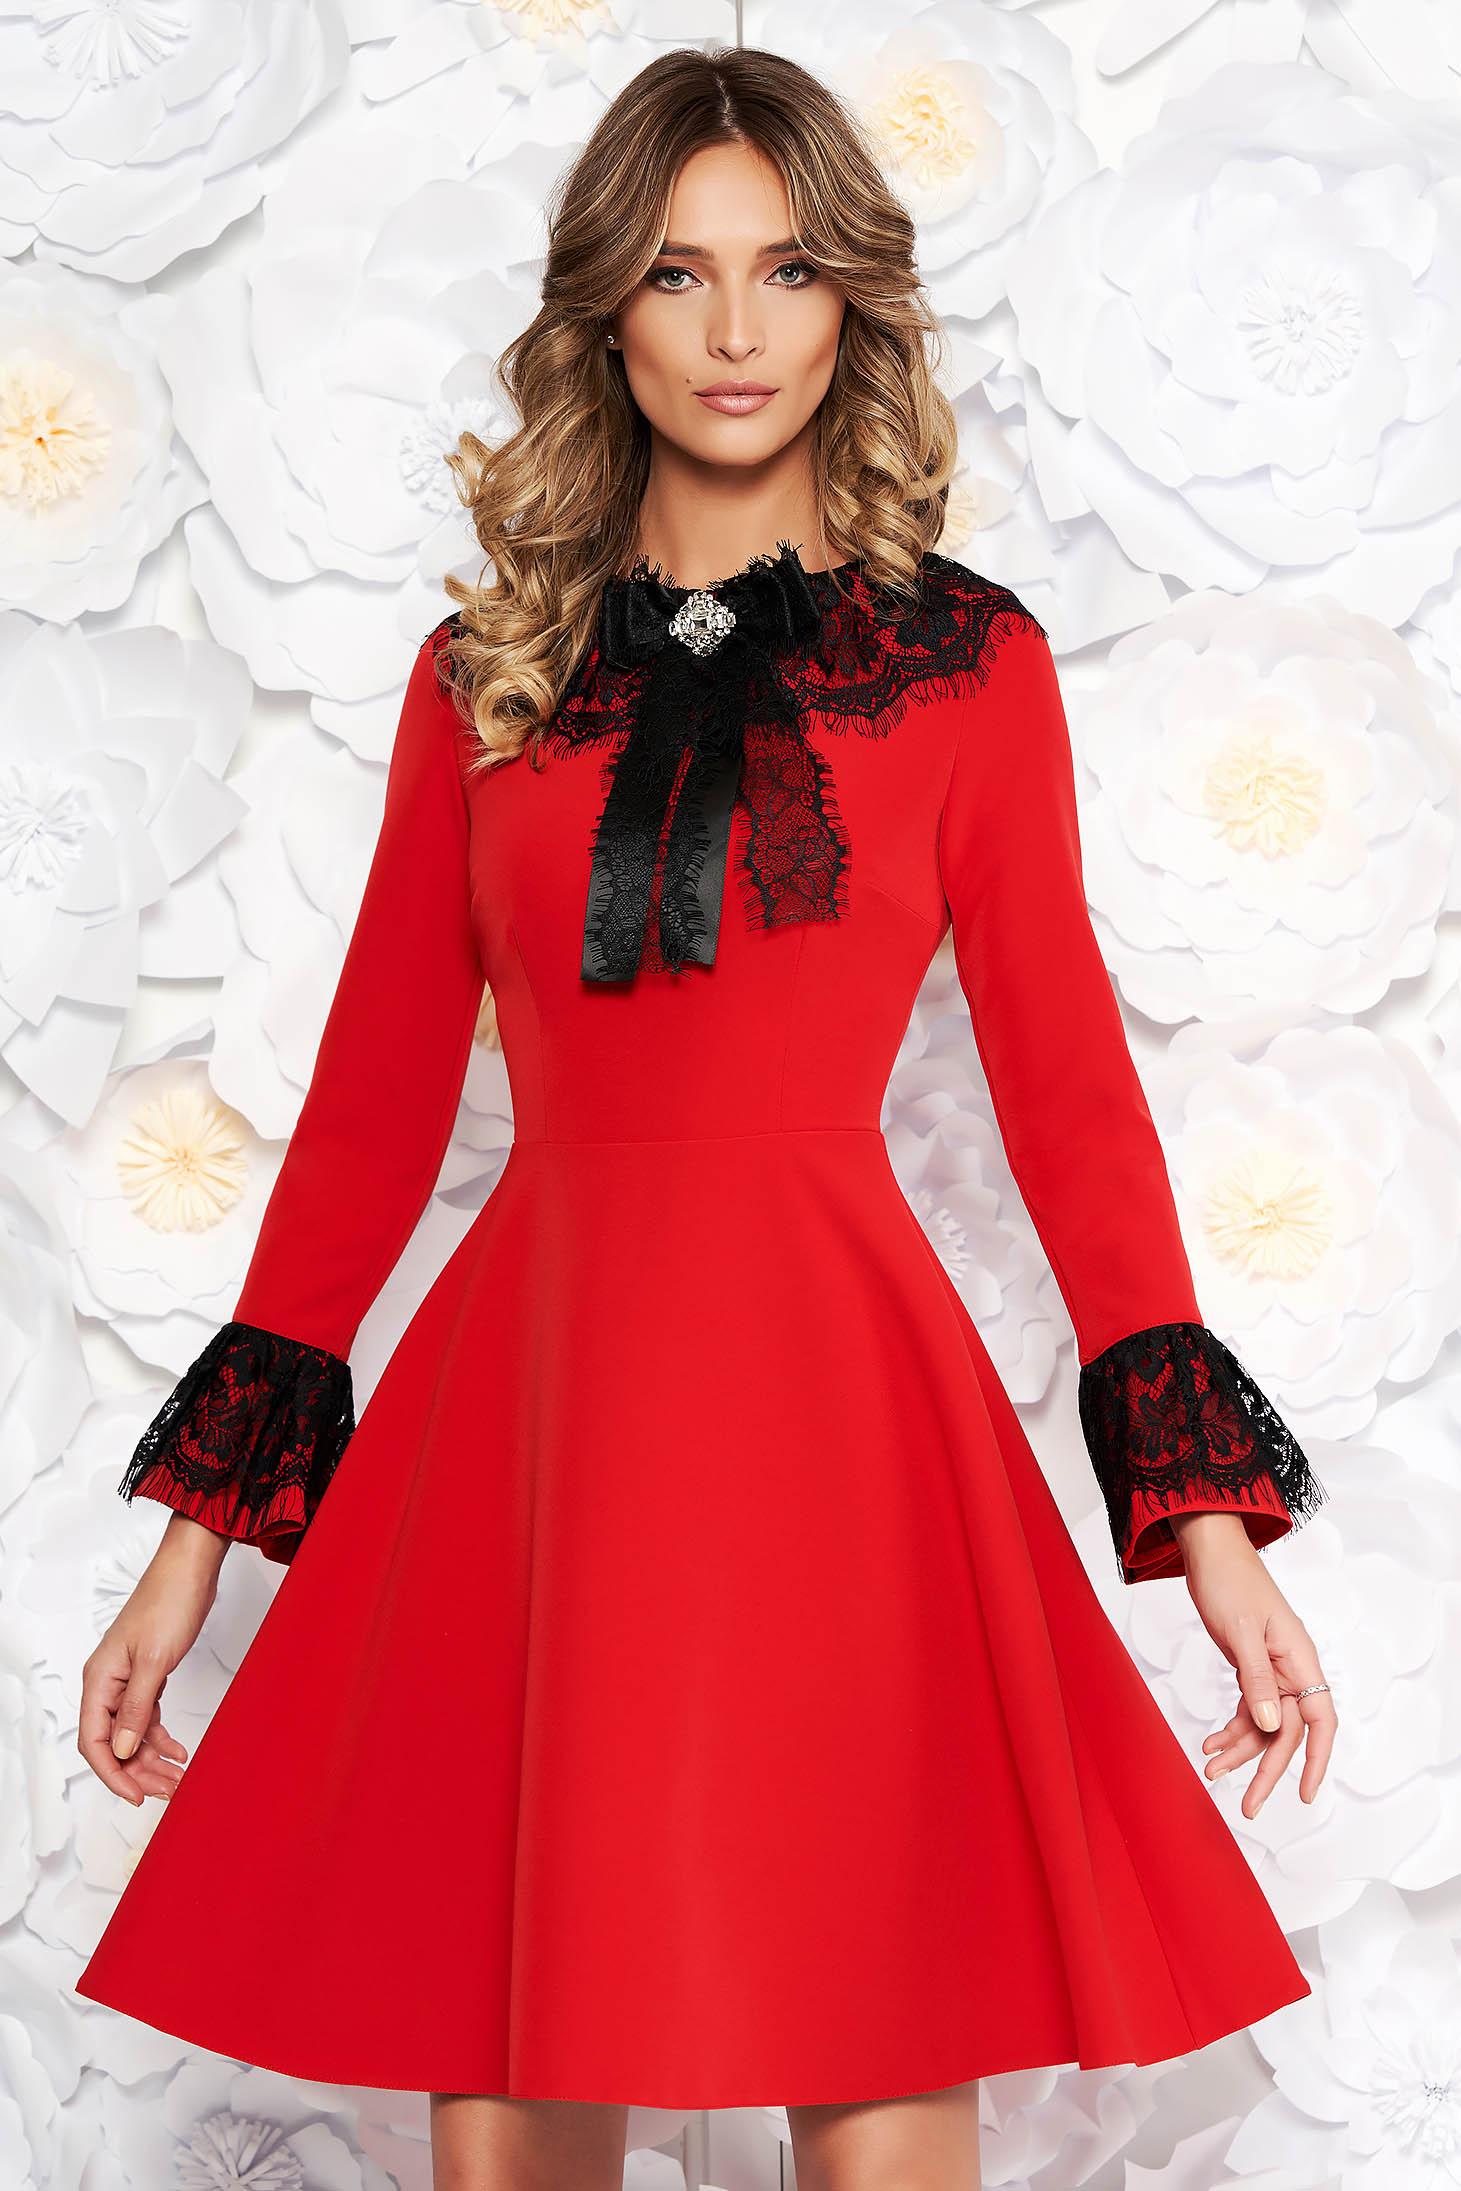 Rochie rosie eleganta in clos din stofa subtire usor elastica captusita pe interior cu aplicatii de dantela